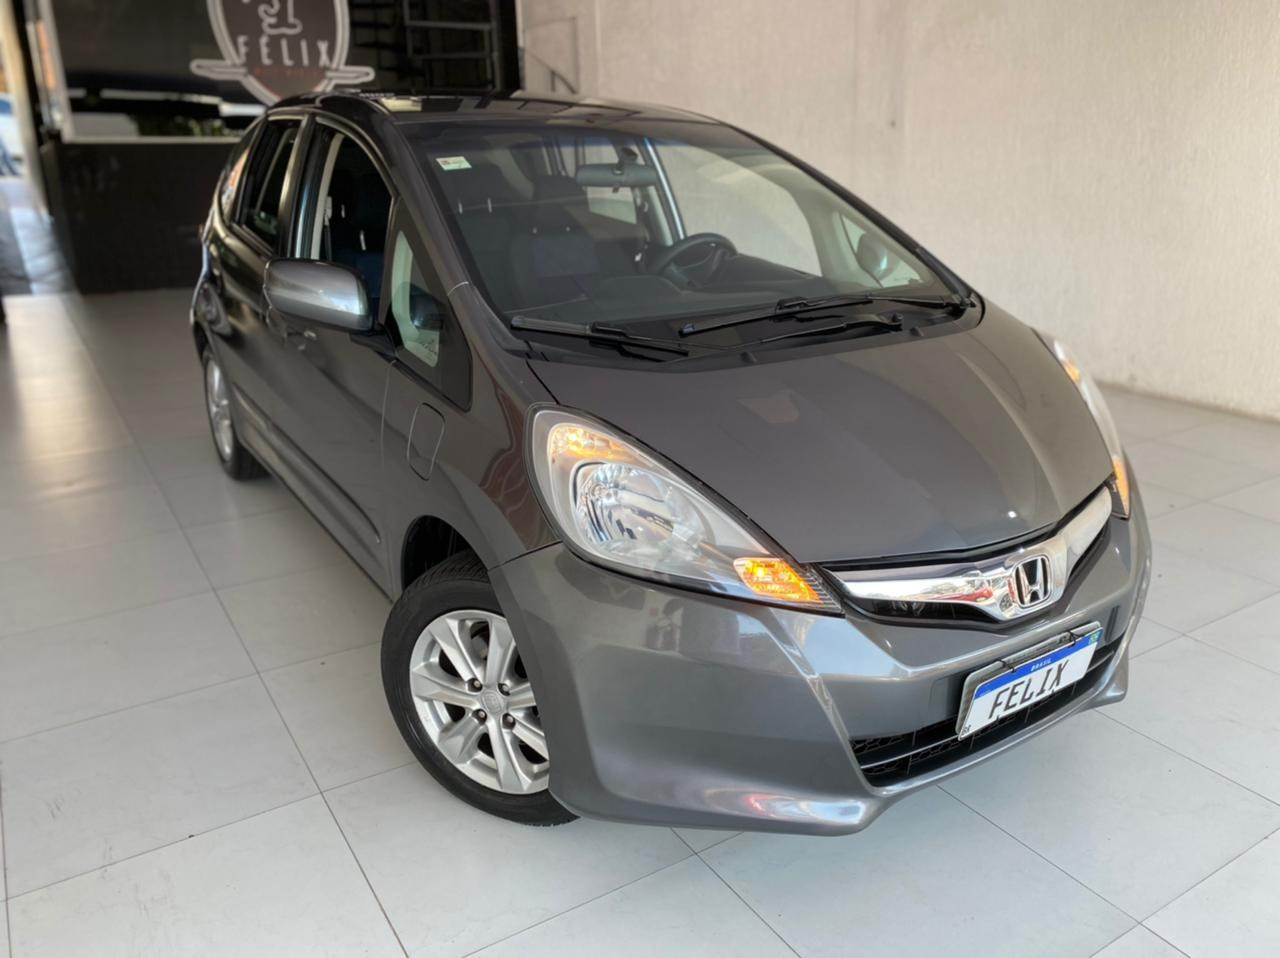 //www.autoline.com.br/carro/honda/fit-14-lx-16v-flex-4p-automatico/2013/sao-paulo-sp/15236490